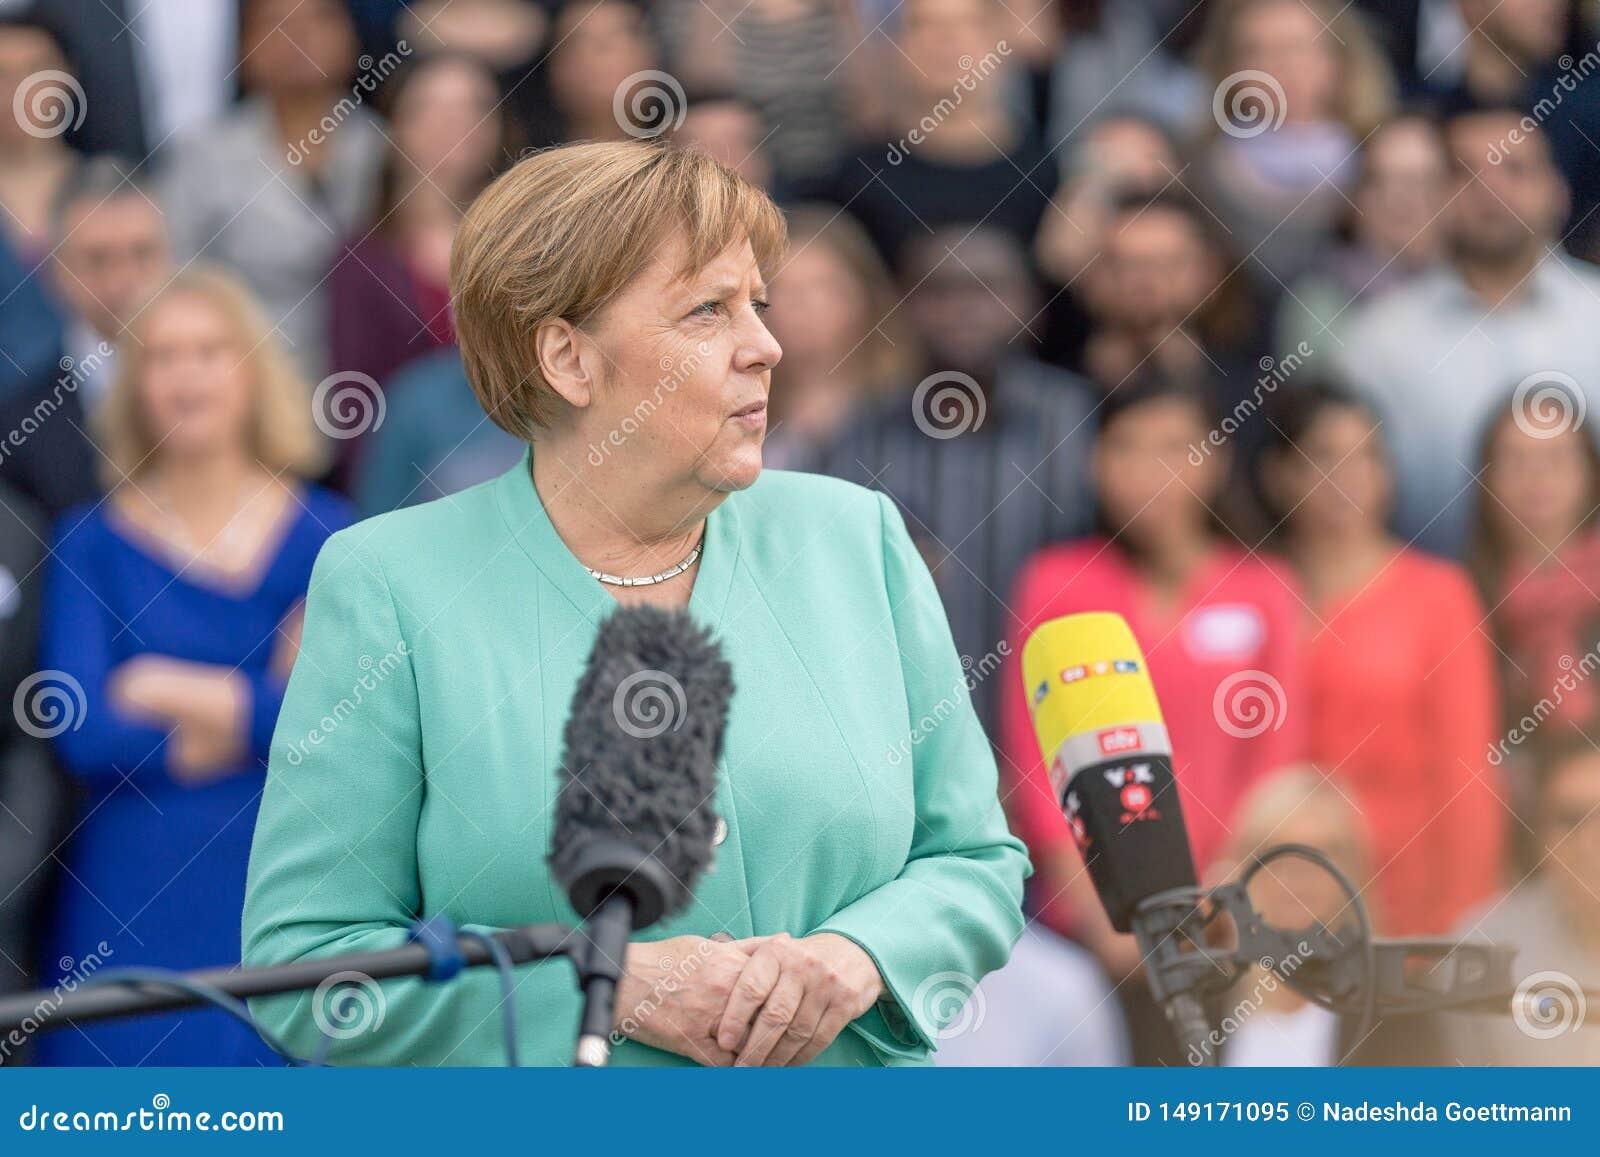 2019年5月23日-罗斯托克:德国总理安格拉・默克尔在新闻招待会